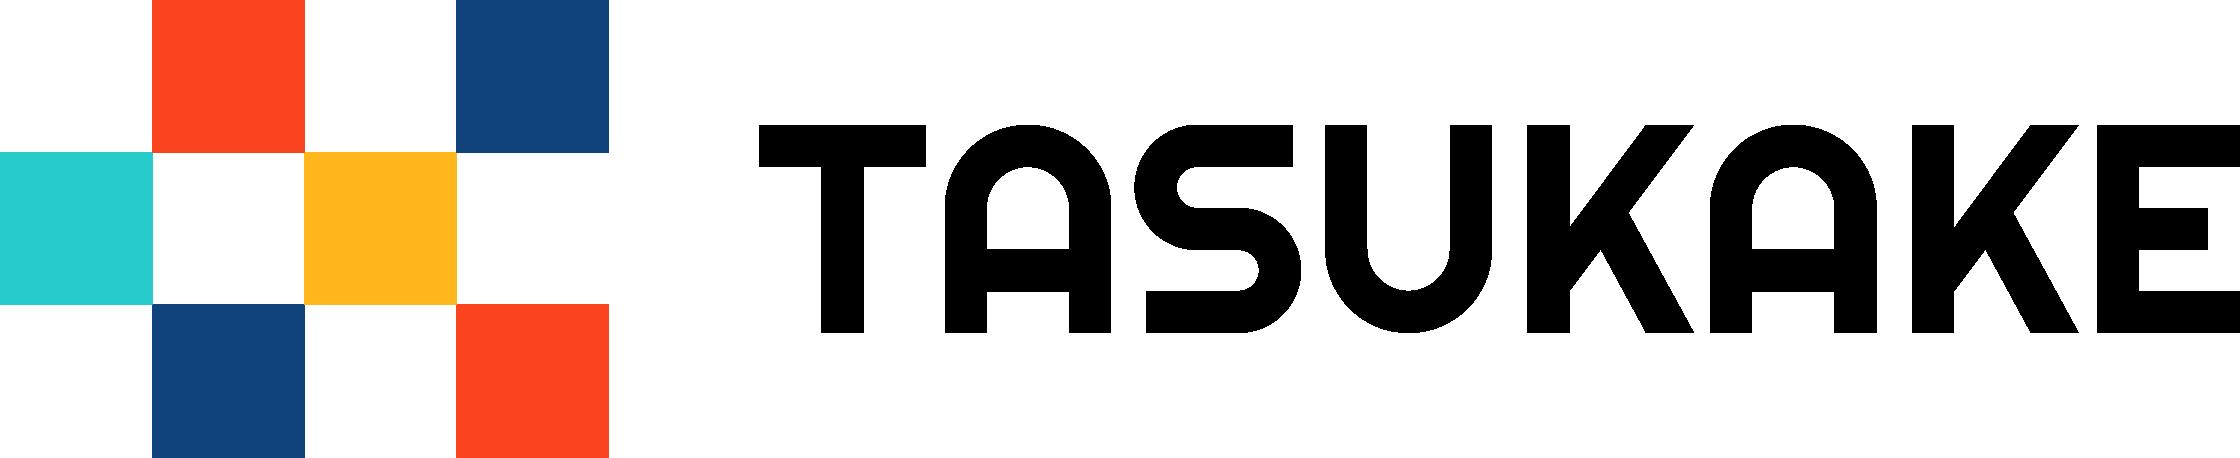 TASUKAKE